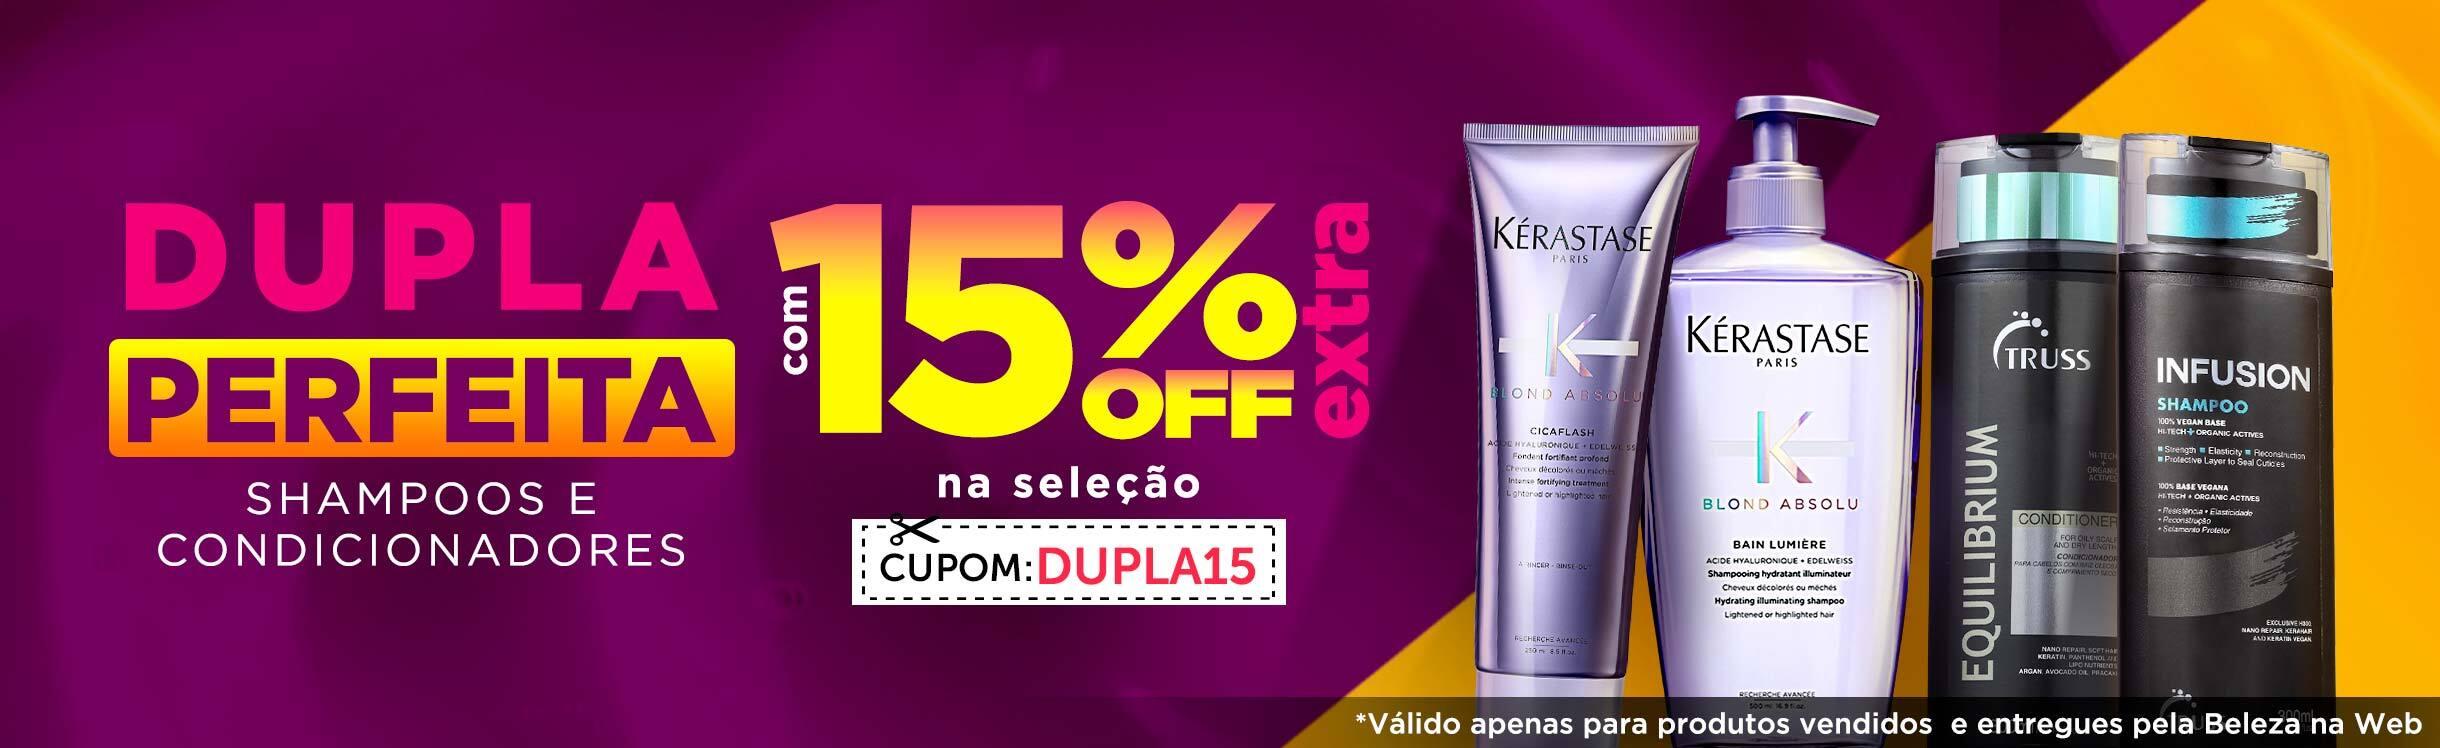 Mega Liquida | Dupla Perfeita com 15% extra